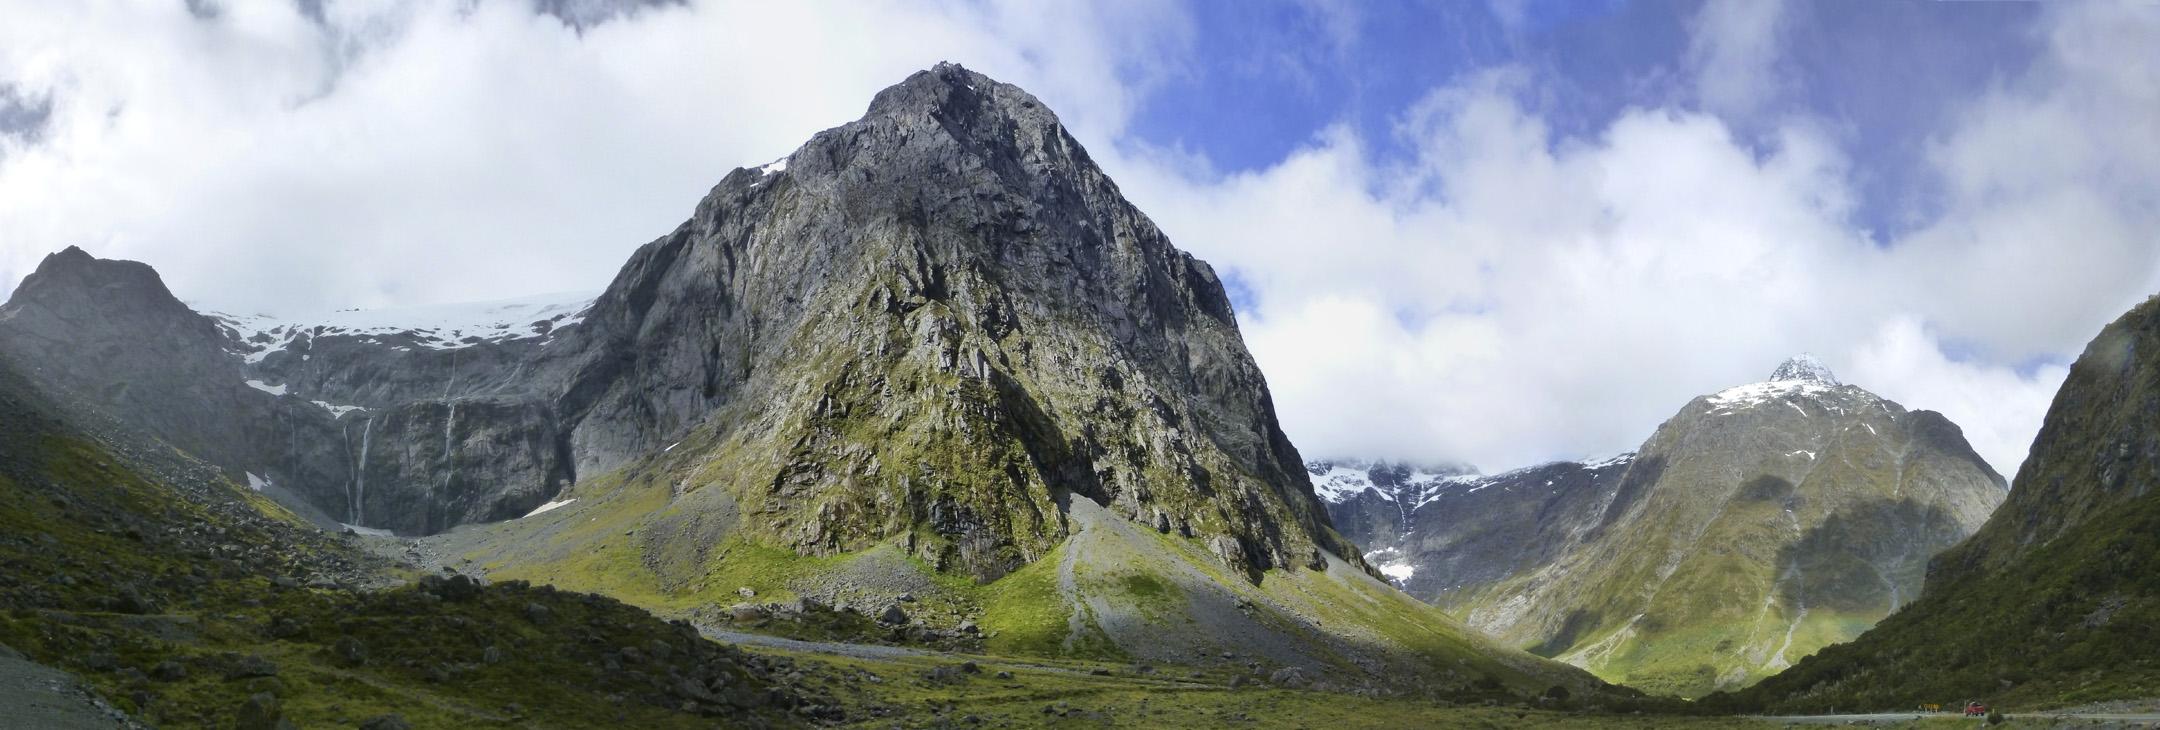 The Amazing Fiordland